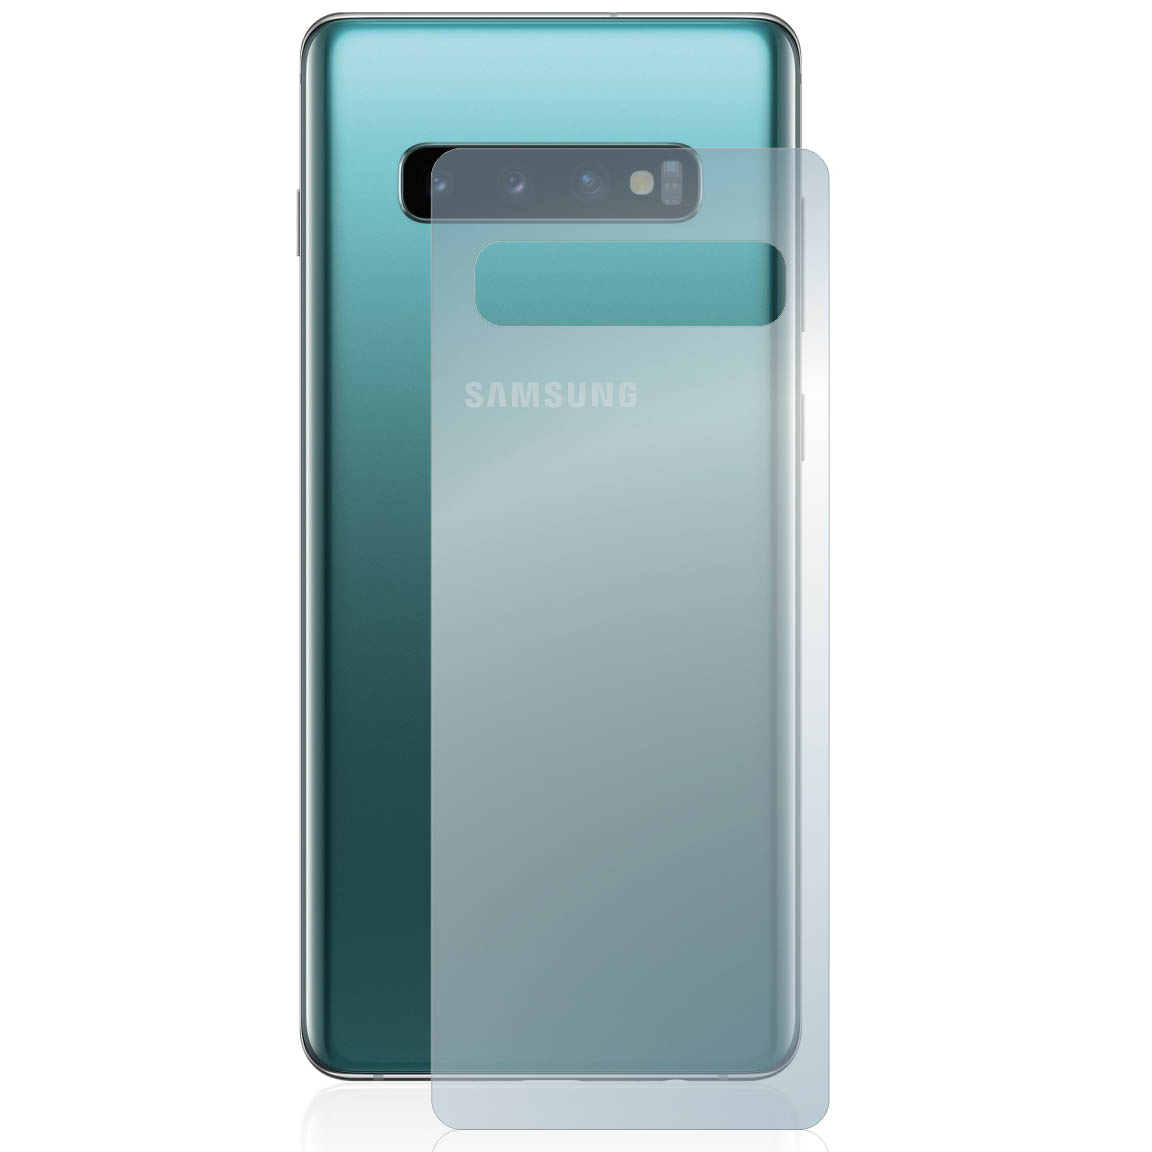 محافظ پشت گوشی مدل GL-47 مناسب برای گوشی موبایل سامسونگ Galaxy S10 plus              ( قیمت و خرید)